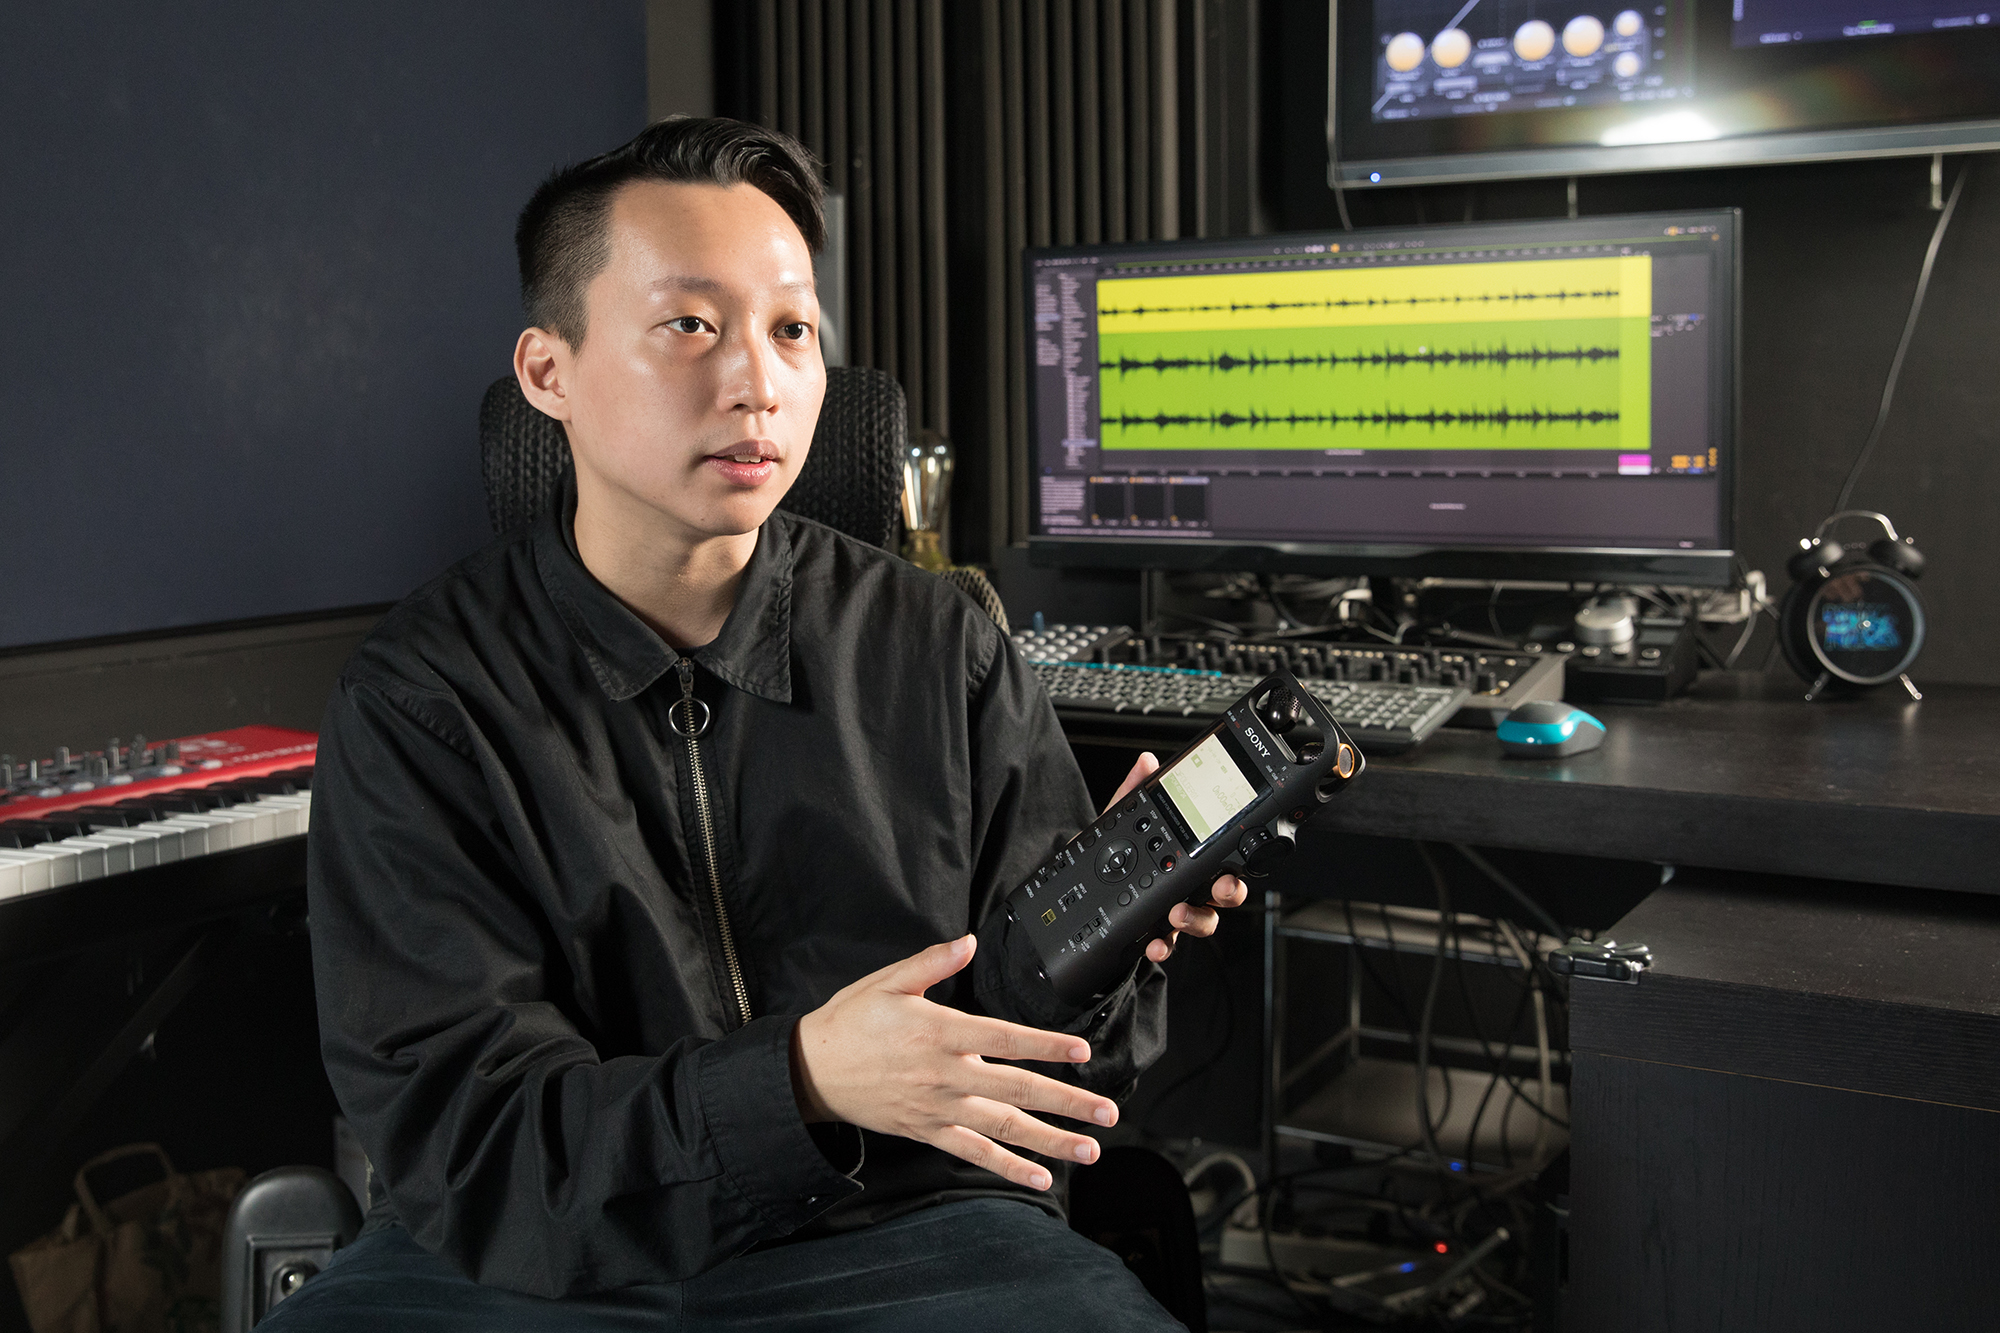 Sony PCM-D10 之所以能錄製令人滿意的音質,最大關鍵在於支援 192 kHz/24 位元高解析音訊,同時還�載三向式內建麥克風。